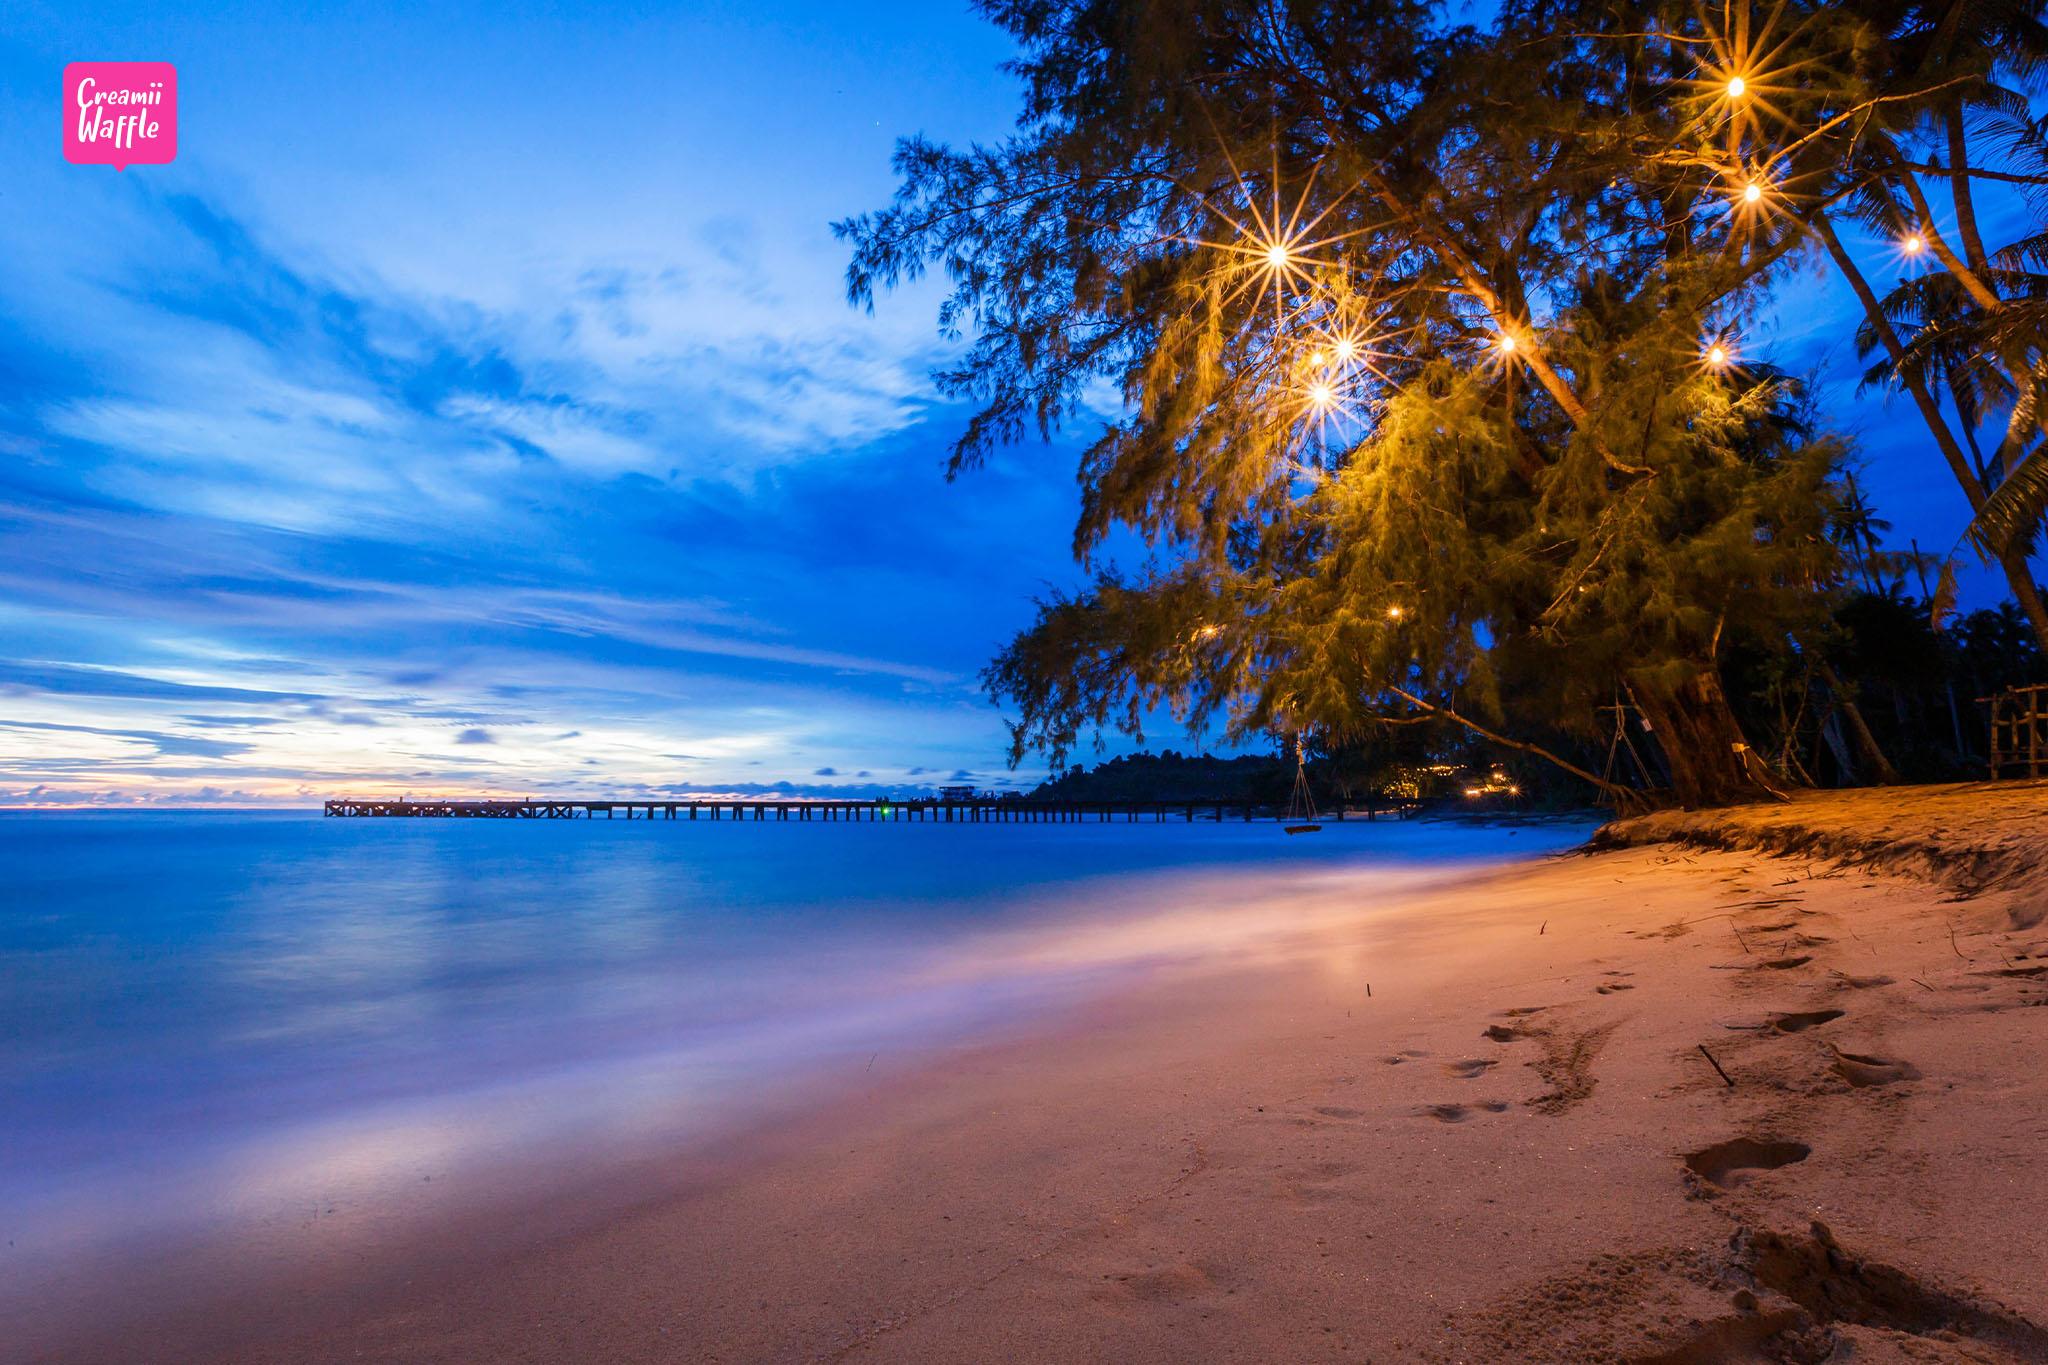 รีวิว Koh Kood Paradise Beach Resort เกาะกูด พาราไดซ์ รีสอร์ท